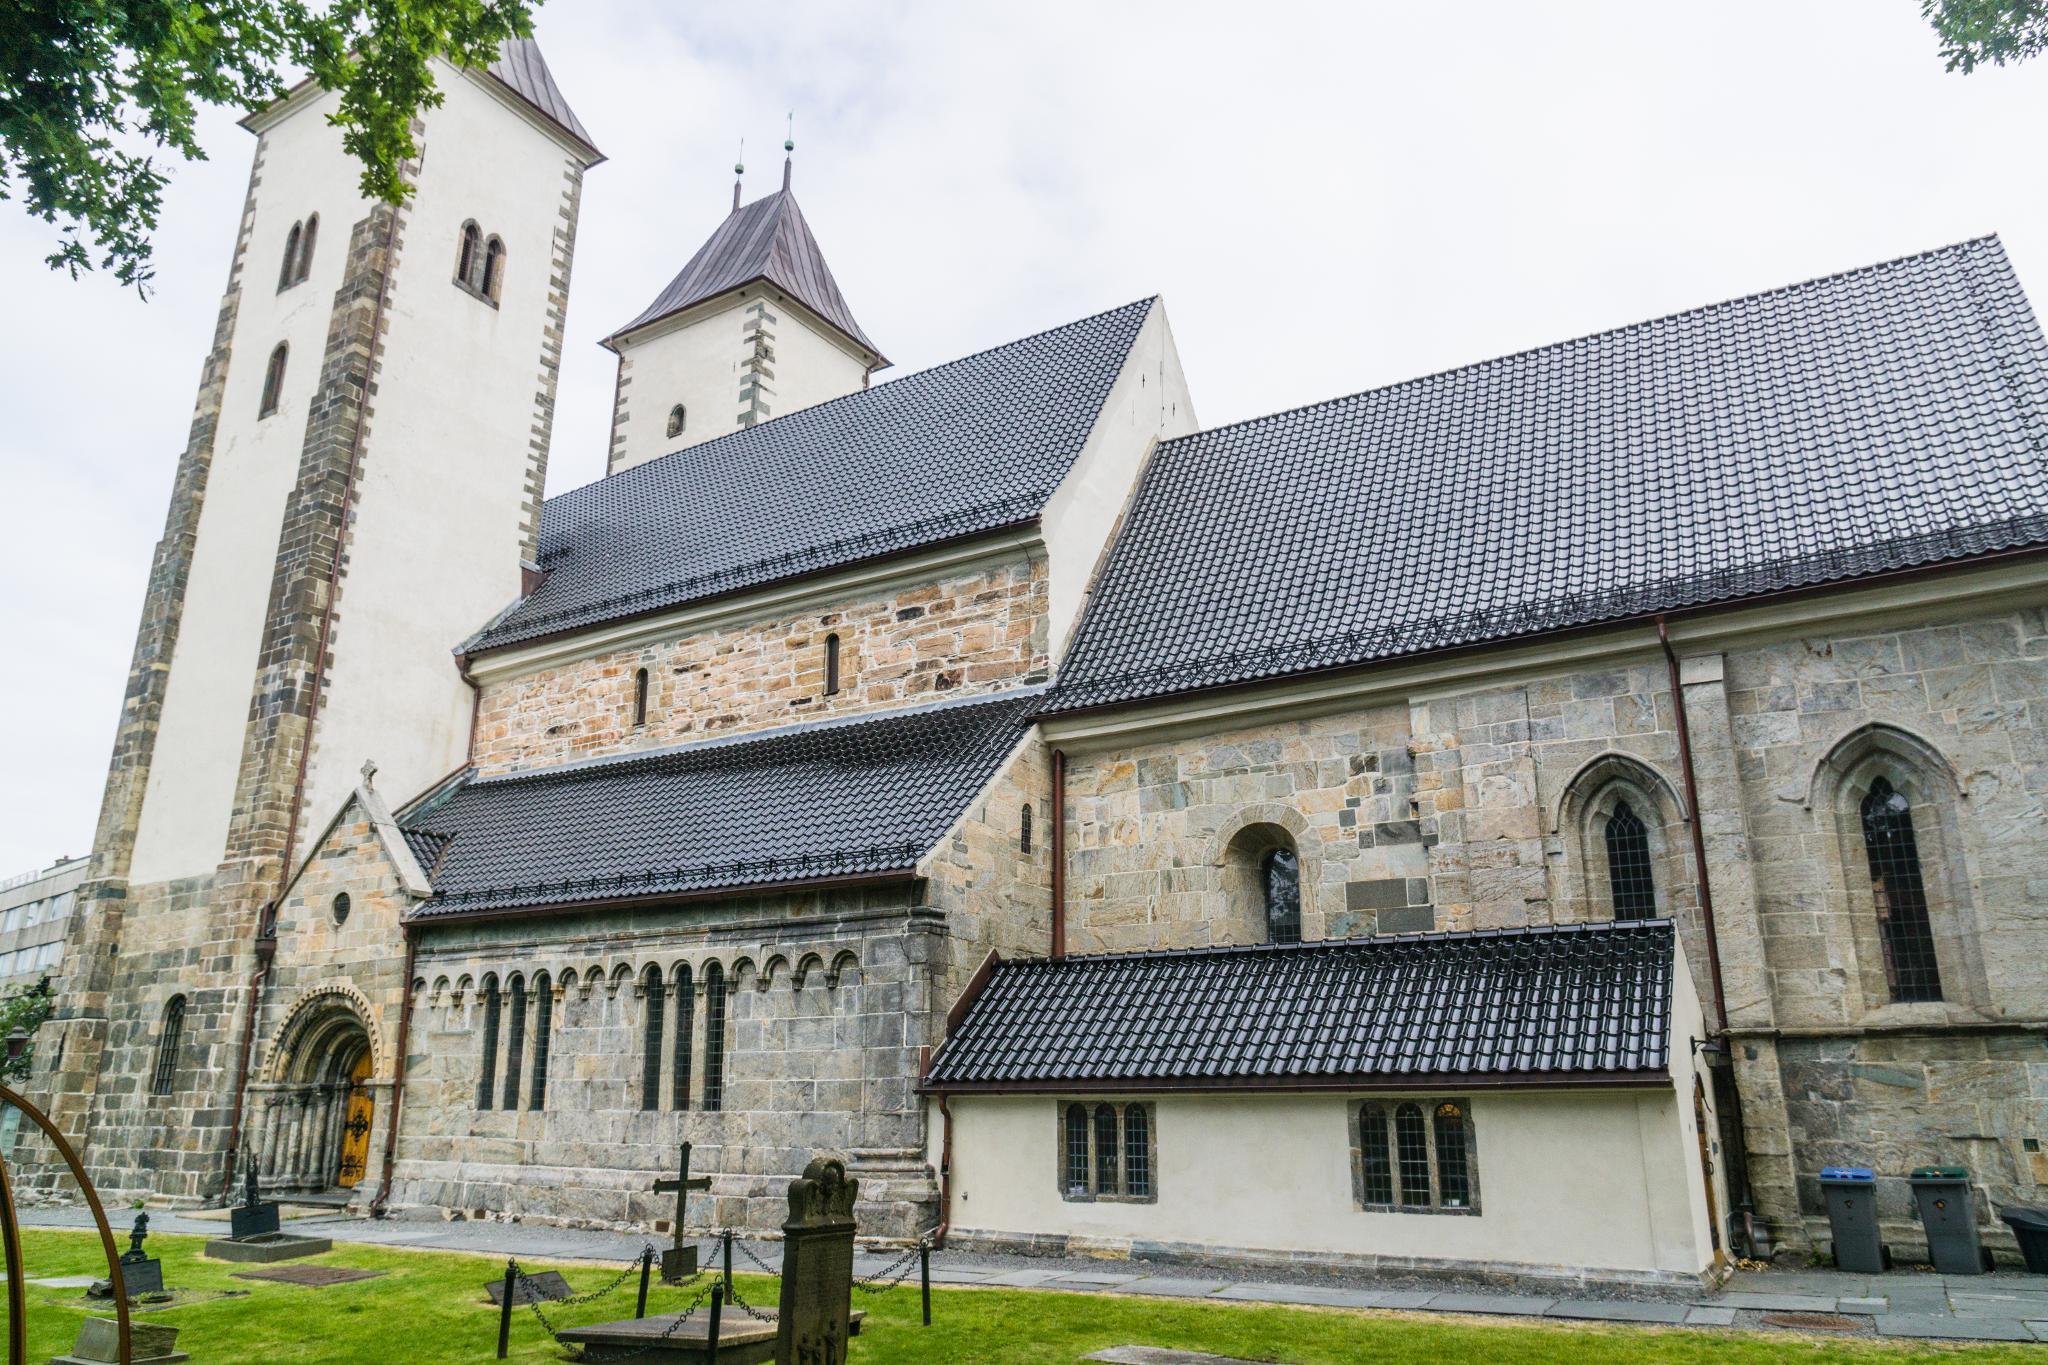 【卑爾根】漫遊卑爾根:卑爾根要塞、哈孔城堡與聖瑪利亞堂 9